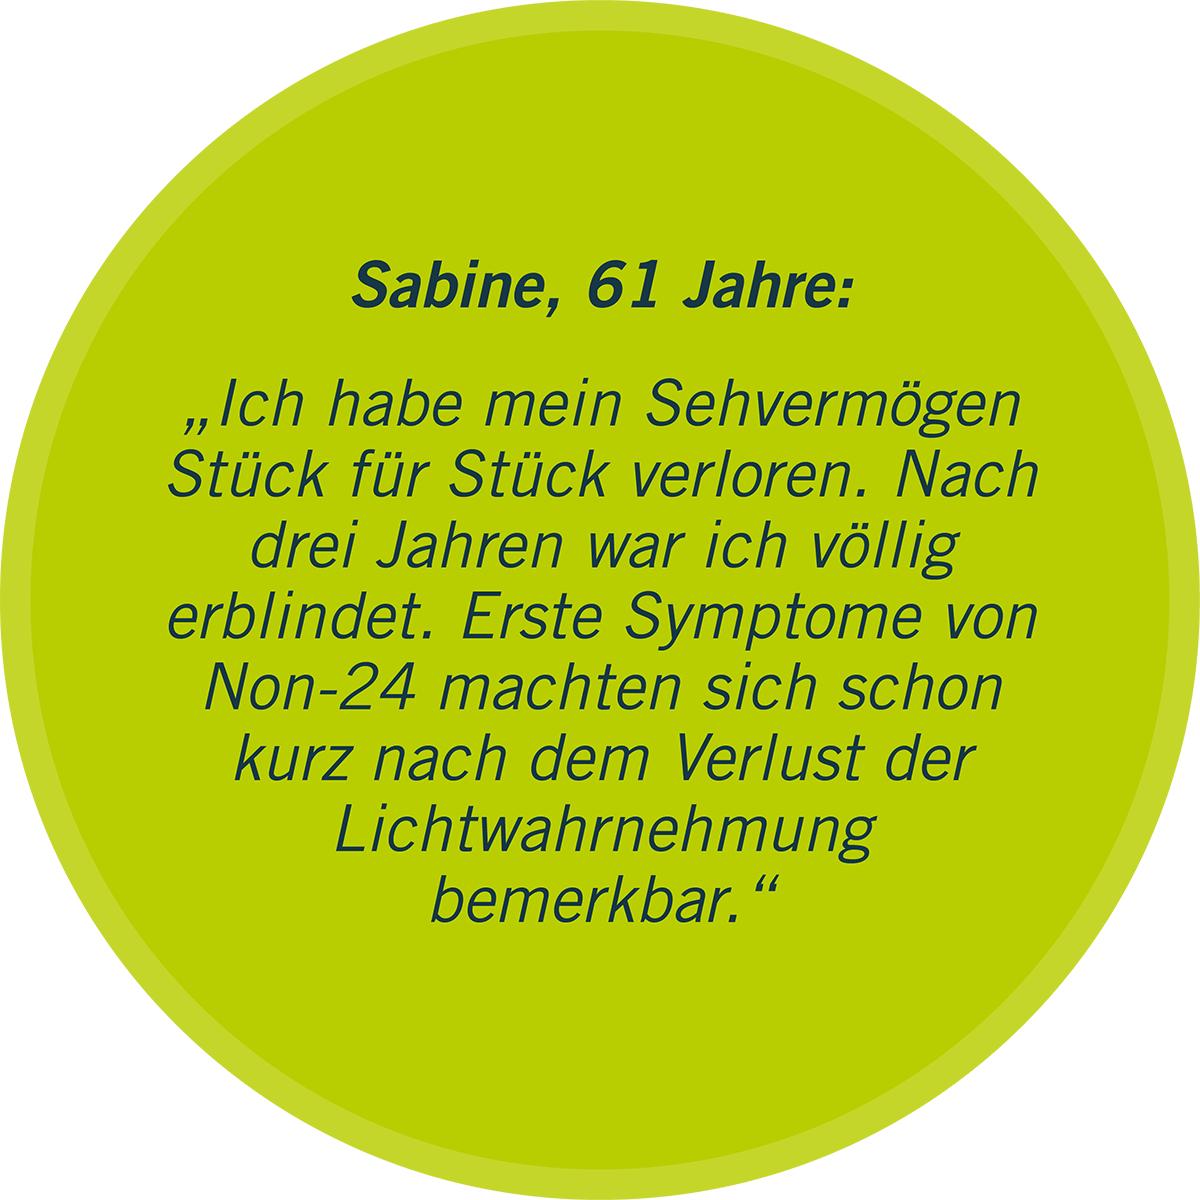 """Zu sehen ist in einer grünen Sprechblase ein Statement von Sabine, 61 Jahre: """"Ich habe mein Sehvermögen Stück für Stück verloren. Nach drei Jahren war ich völlig erblindet. Erste Symptome von Non-24 machten sich schon kurz nach dem Verlust der Lichtwahrnehmung bemerkbar."""""""